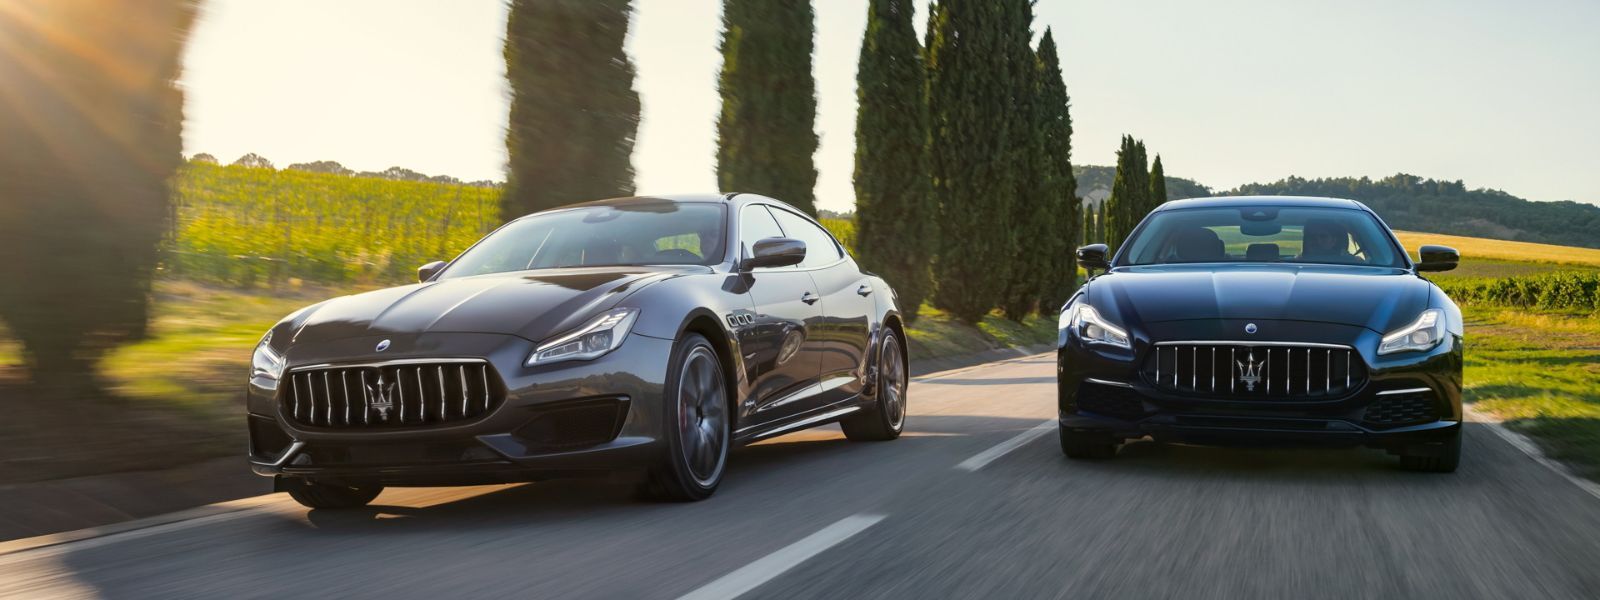 Maserati Maintenance Cost & Service